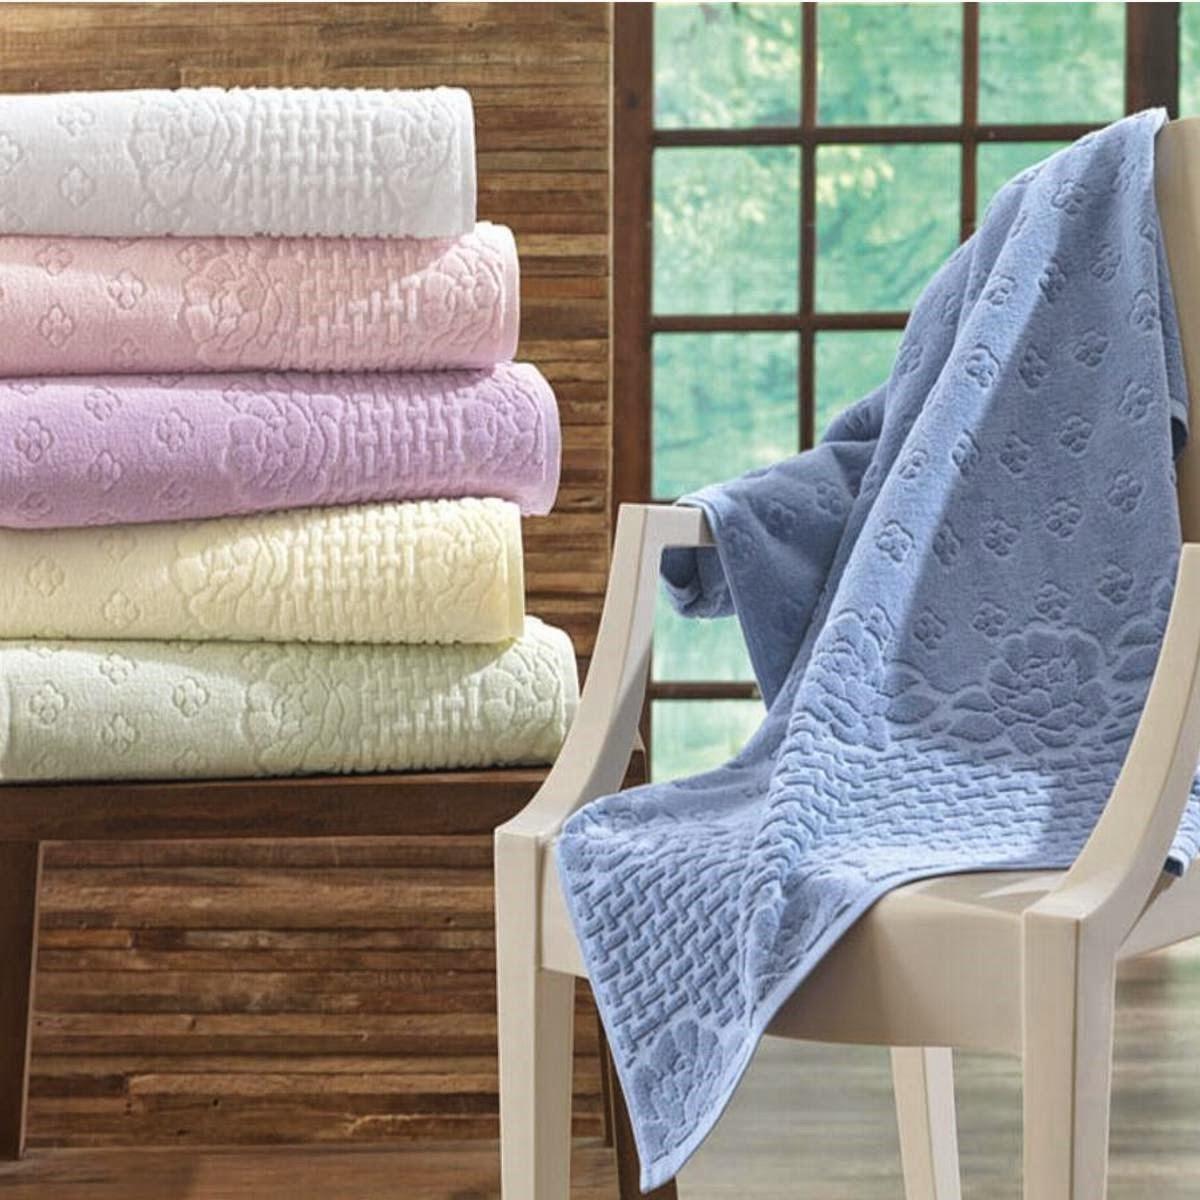 6bfefd021a08 Como escolher a melhor toalha de banho?